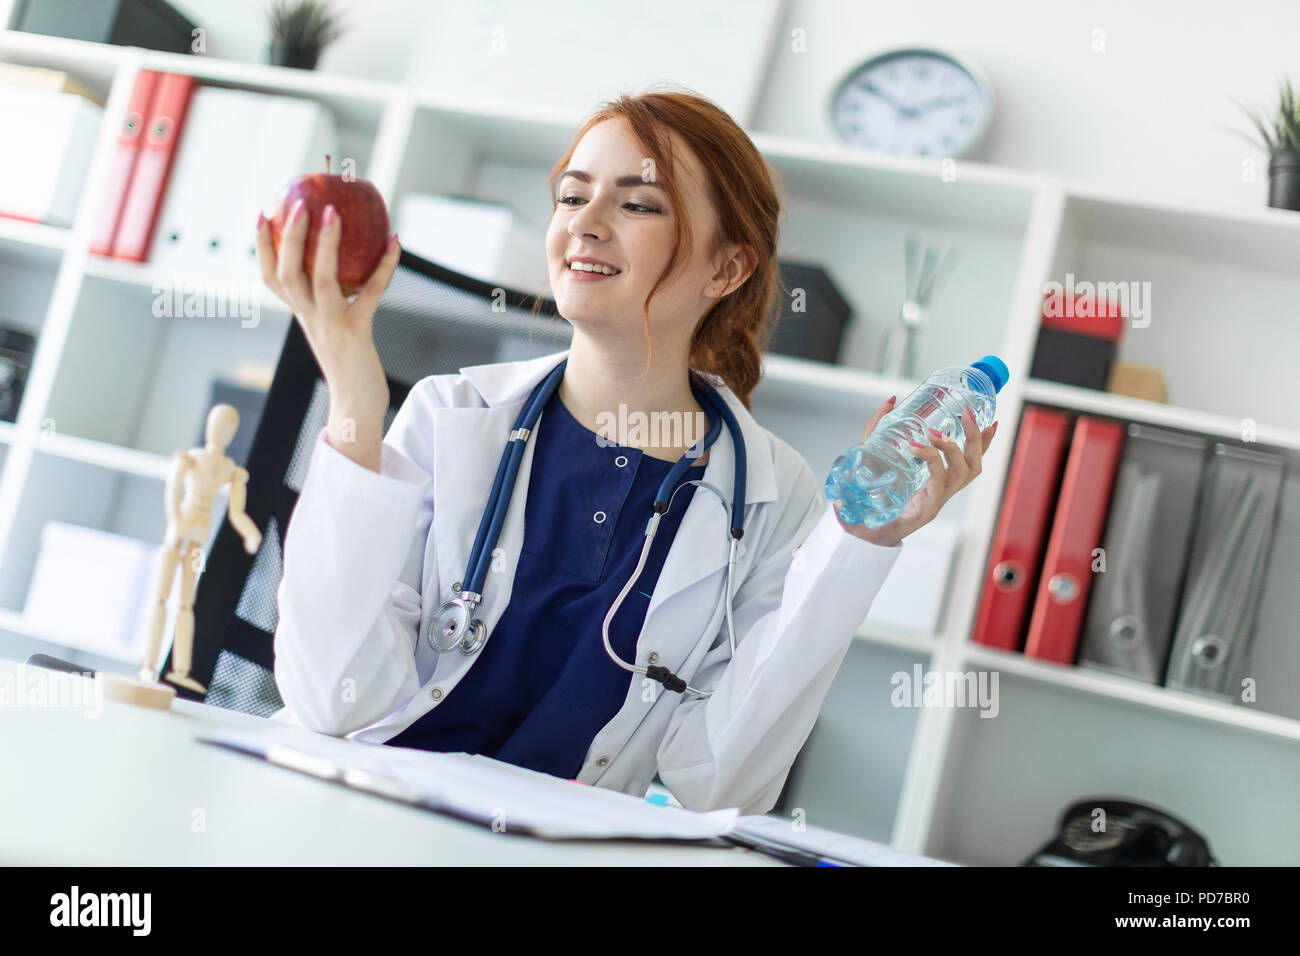 Una hermosa joven vestida con una túnica blanca se sienta en una mesa en la oficina y tiene una manzana y una botella de agua en su mano. Foto de stock